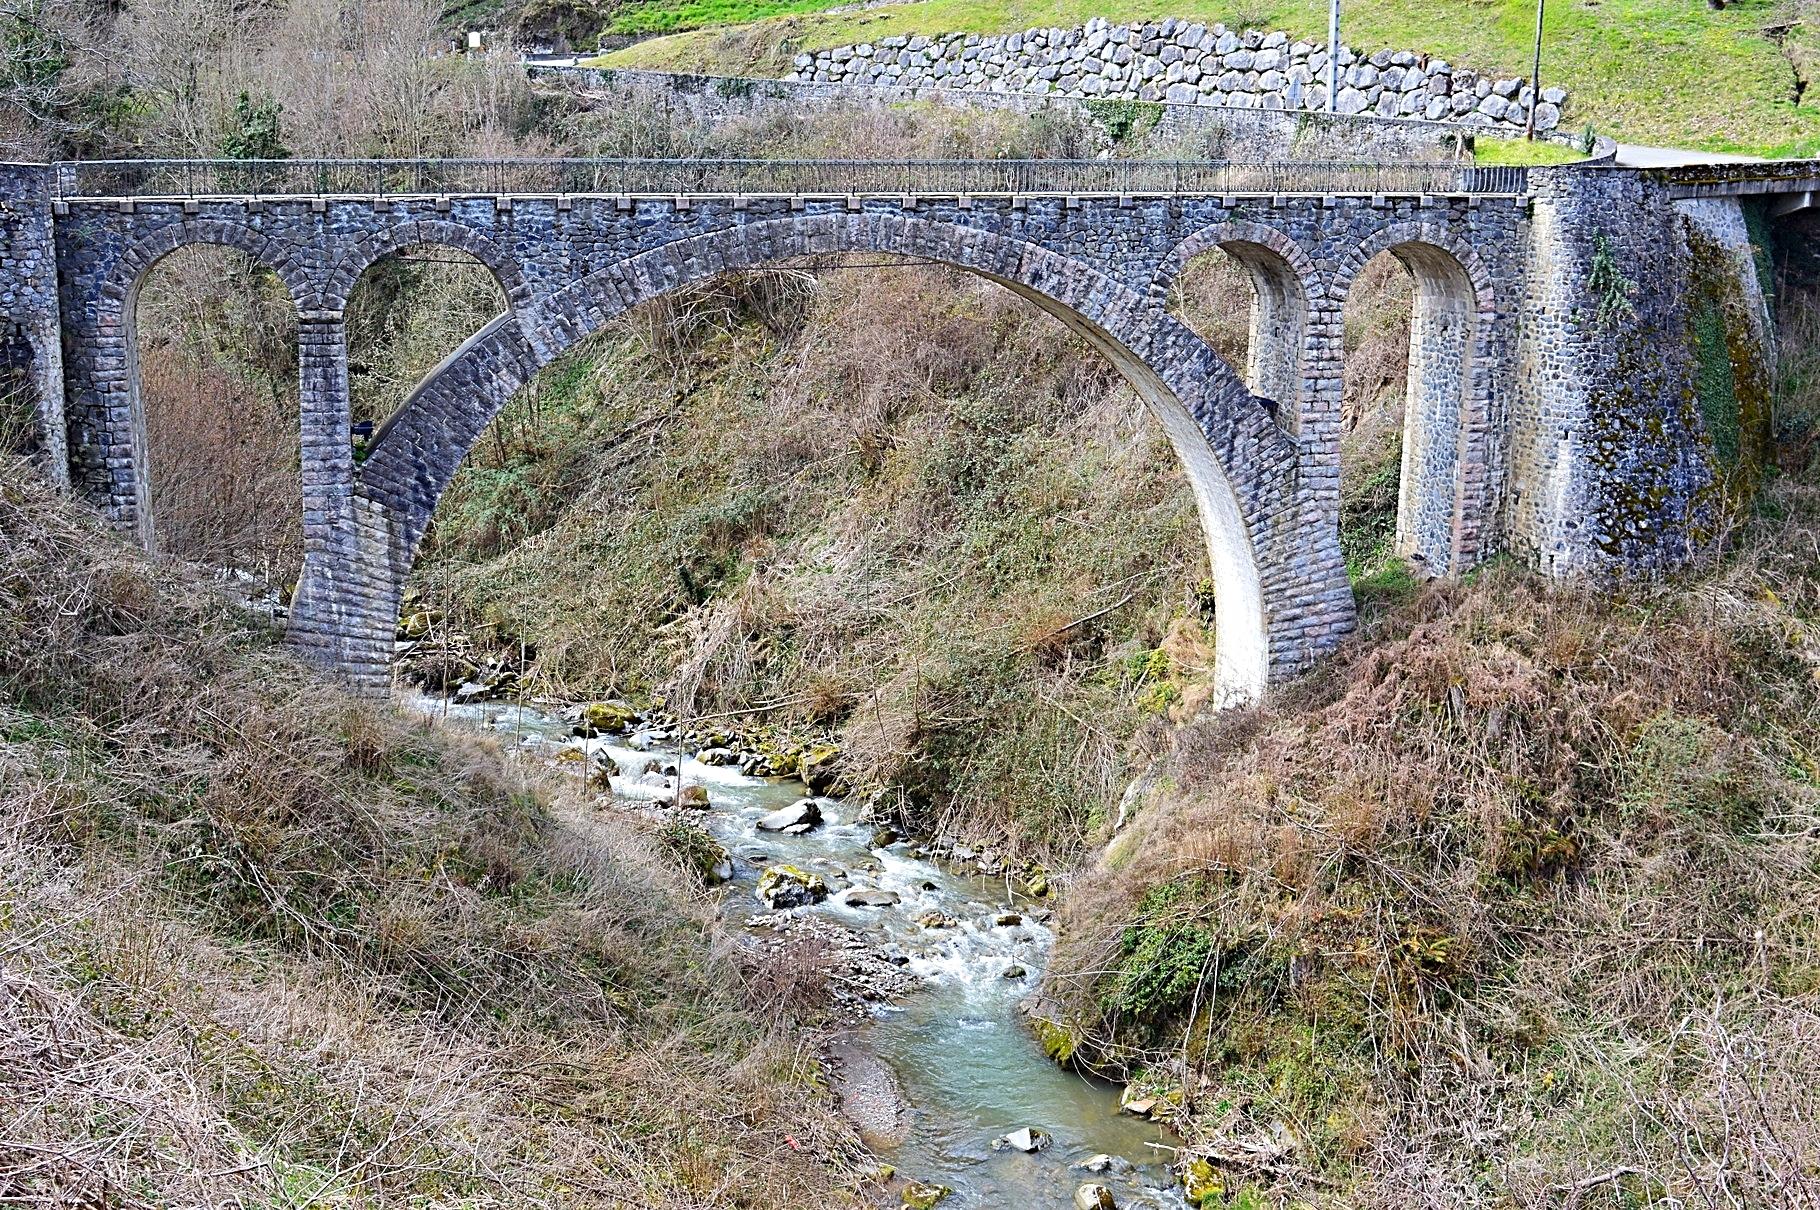 En montant vers Sost, le pont du village d' Esbareich et ses airs d'aqueduc.